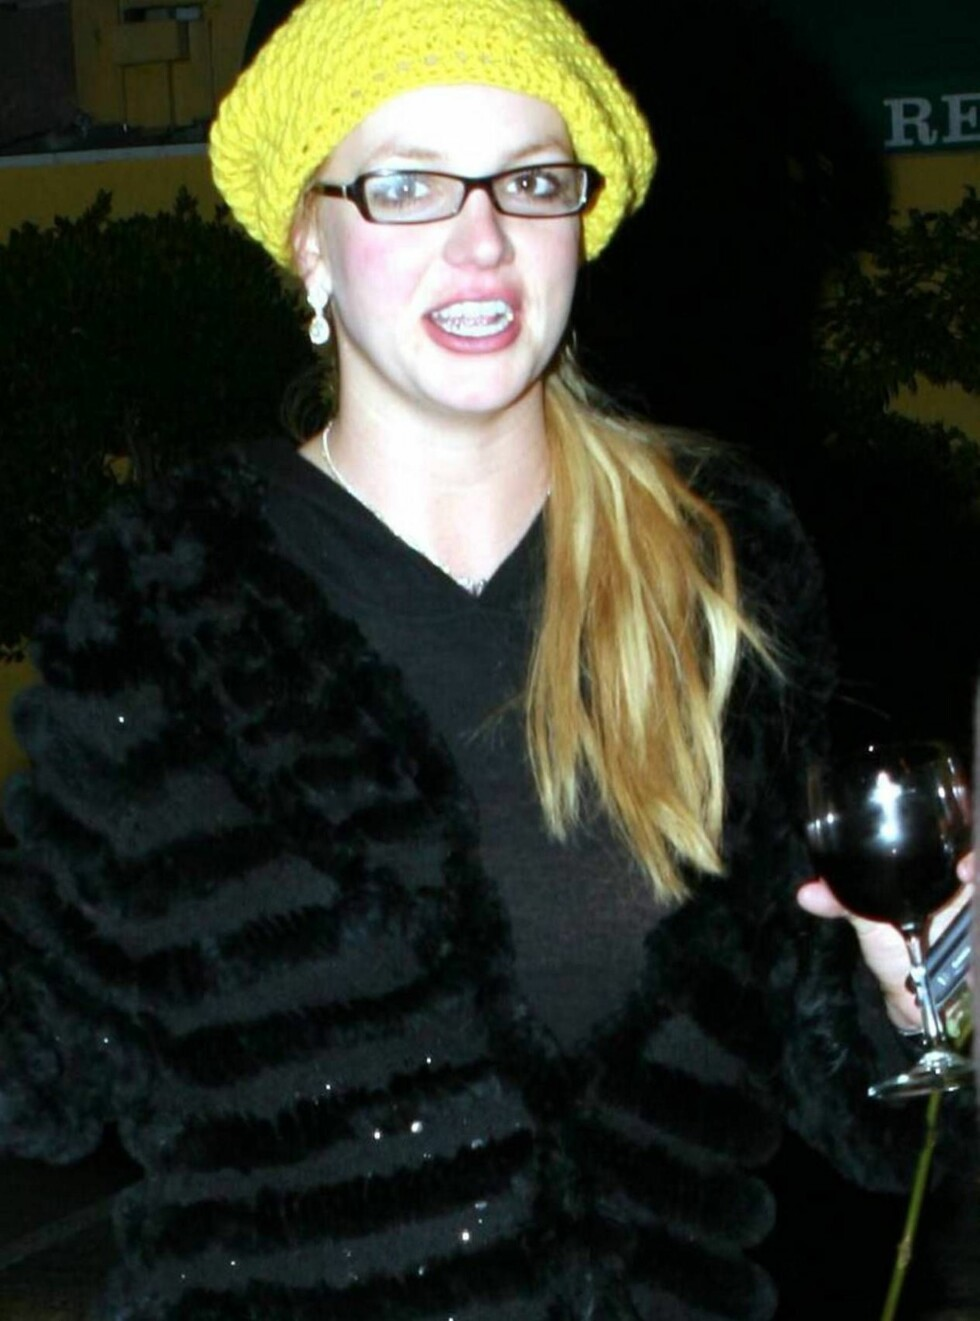 FEST: Britney går ut av restauranten Dan Tanas i Hollywood med et glass rødvin. Kort tid etter satte hun seg i bilen og kjørte. Foto: All Over Press